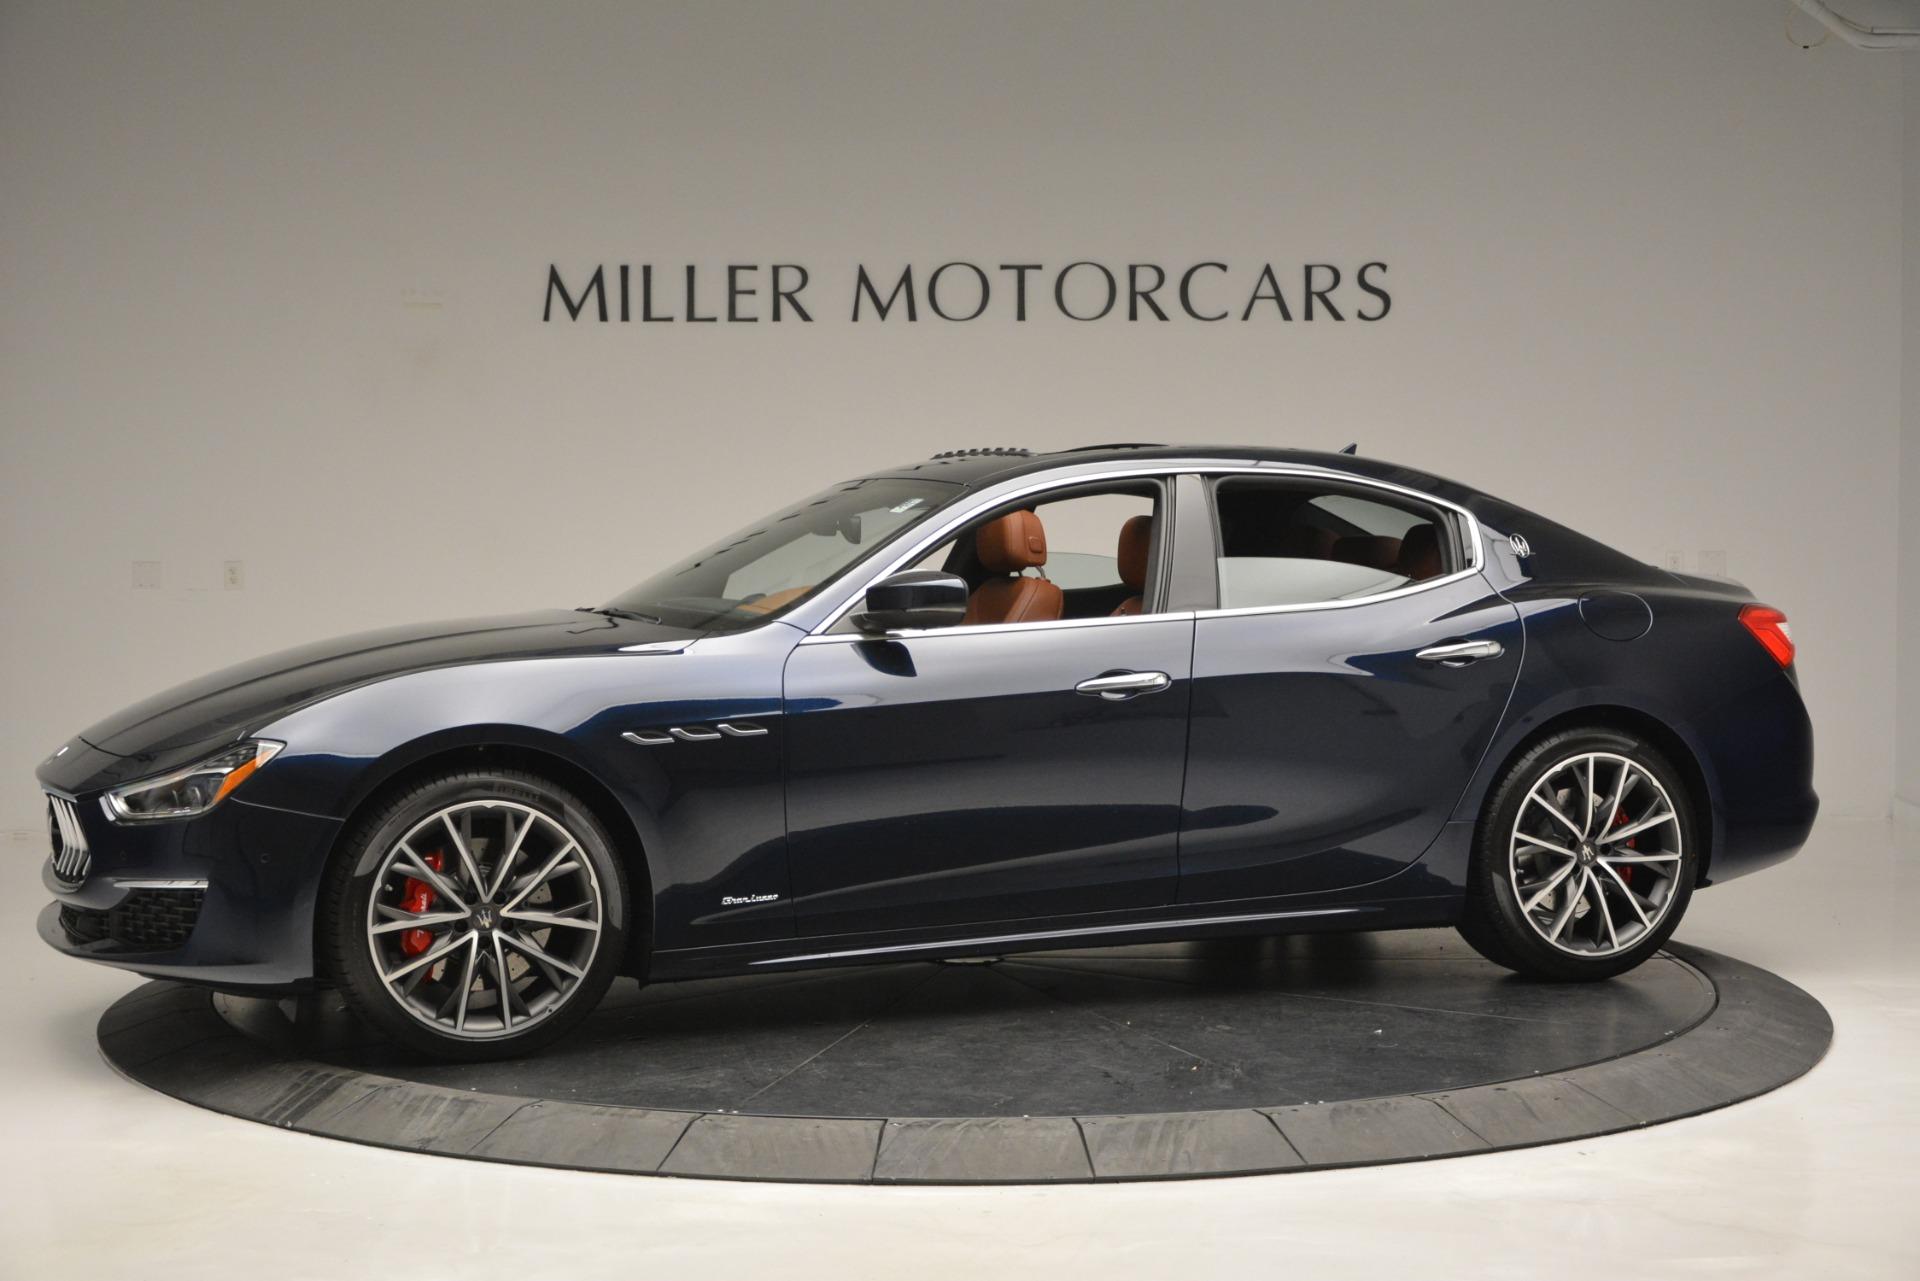 New 2019 Maserati Ghibli S Q4 GranLusso For Sale In Greenwich, CT. Alfa Romeo of Greenwich, M2251 2882_p3